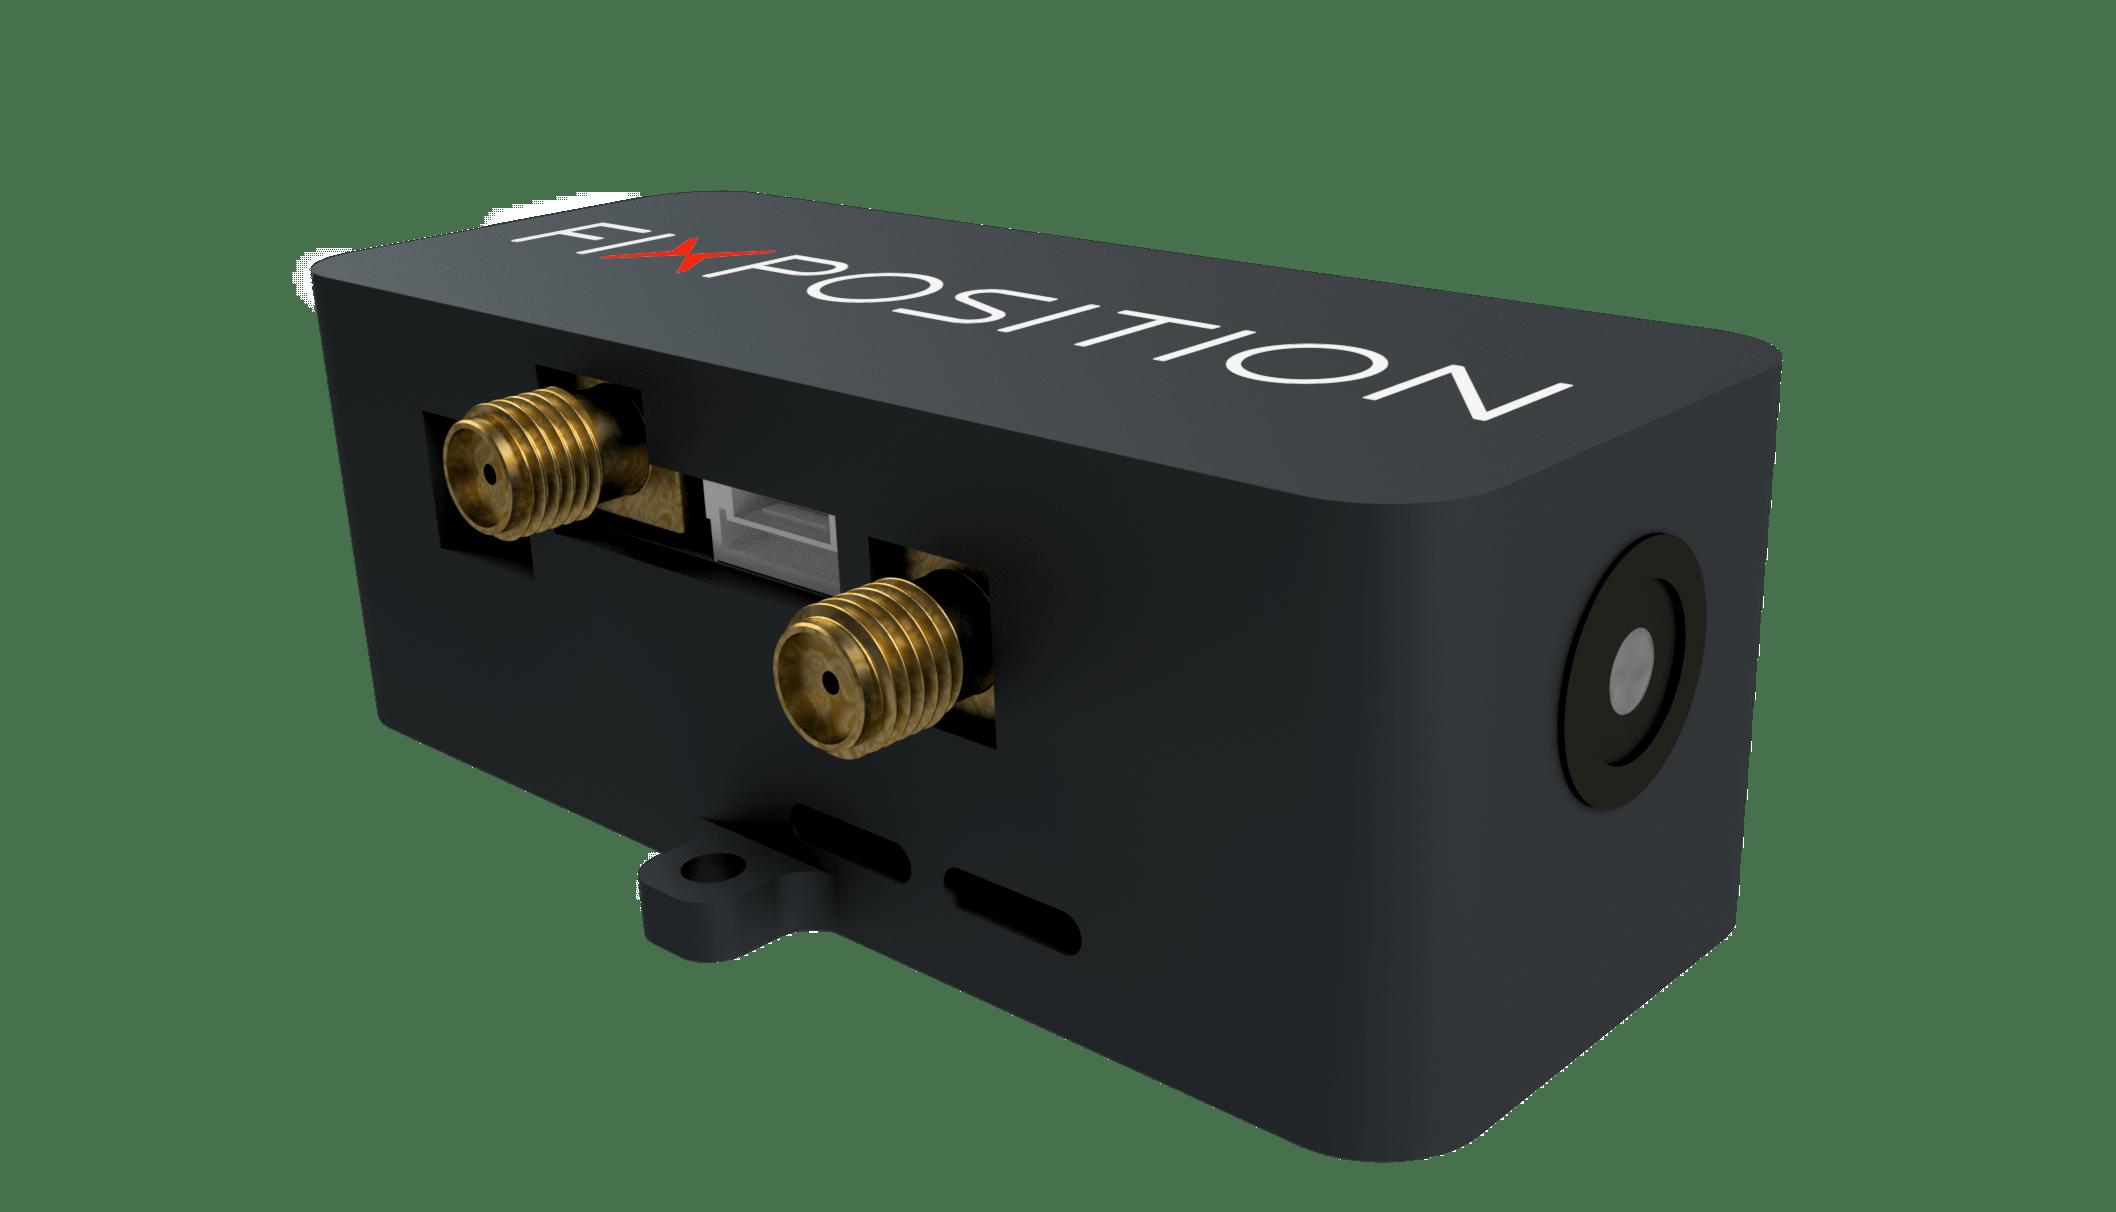 Fixposition Vision-RTK